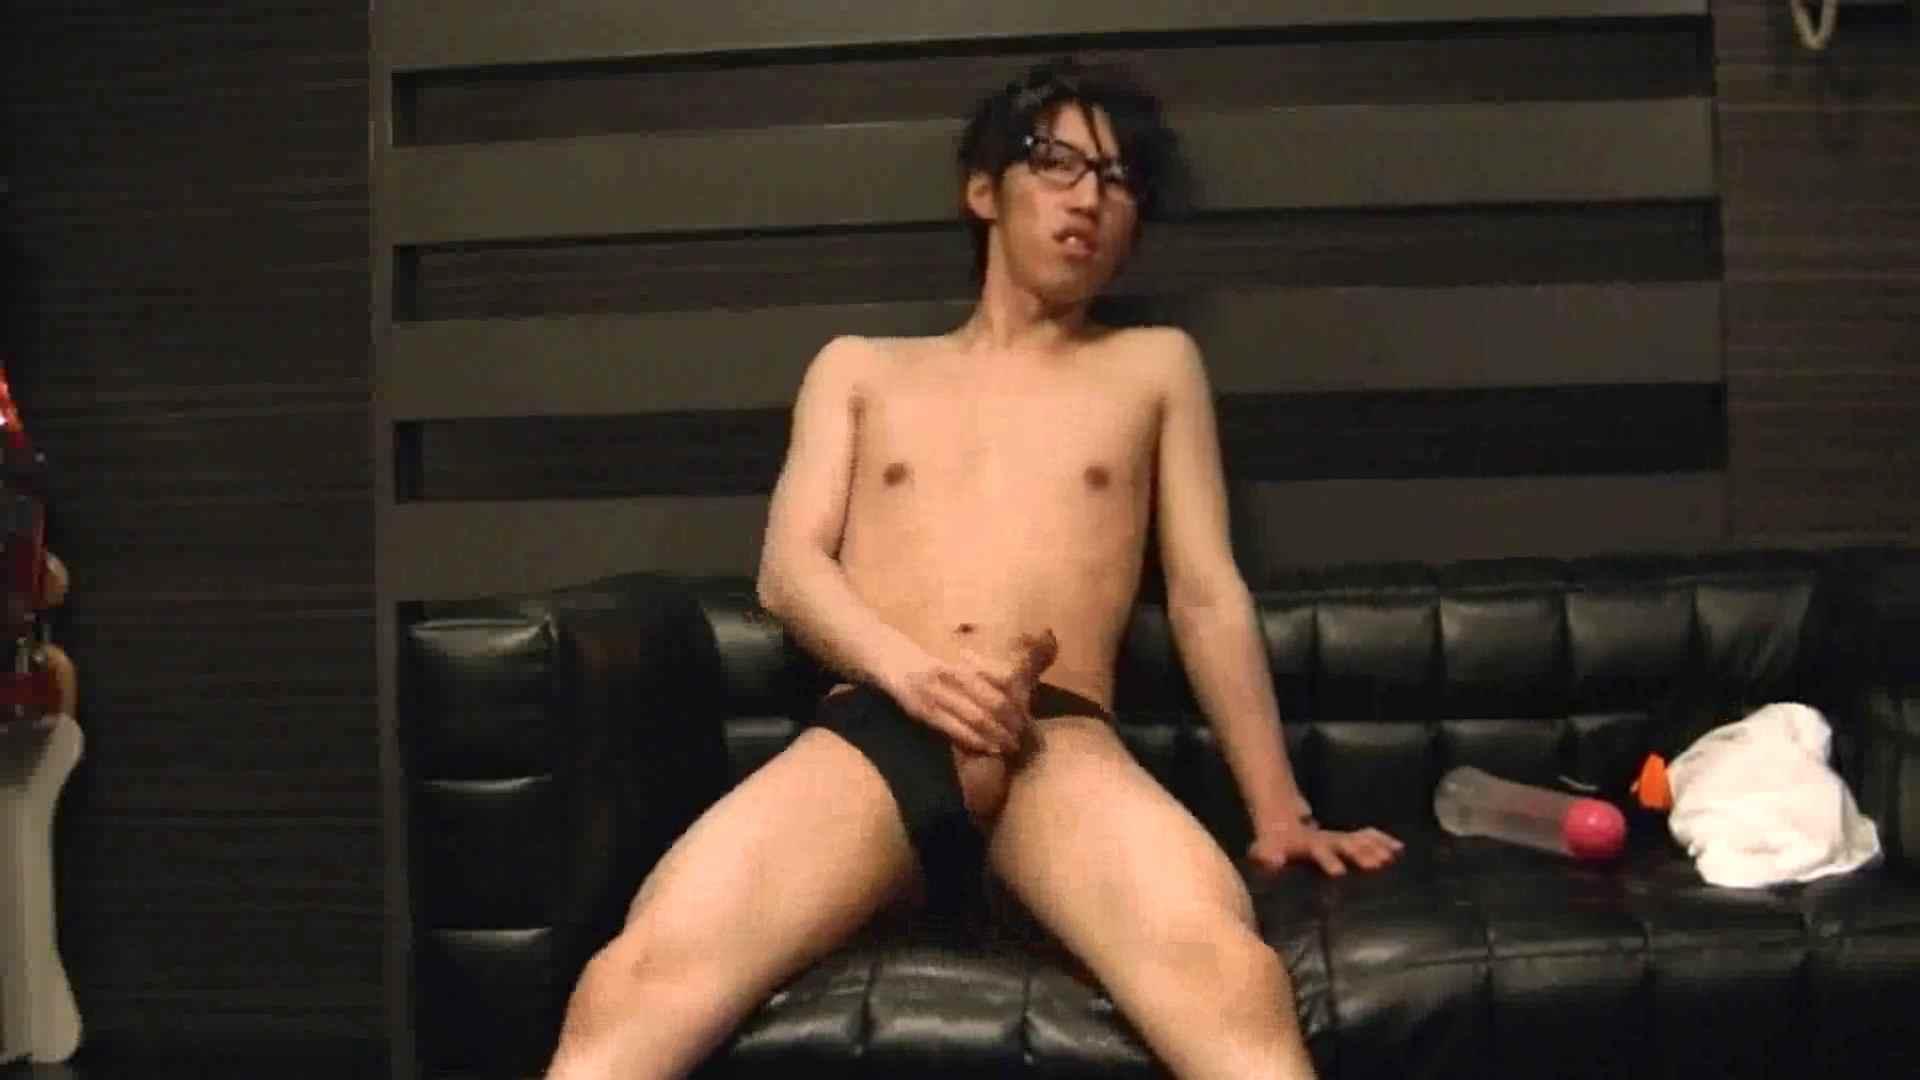 ONA見せカーニバル!! Vol3 オナニー ゲイフリーエロ画像 72pic 62